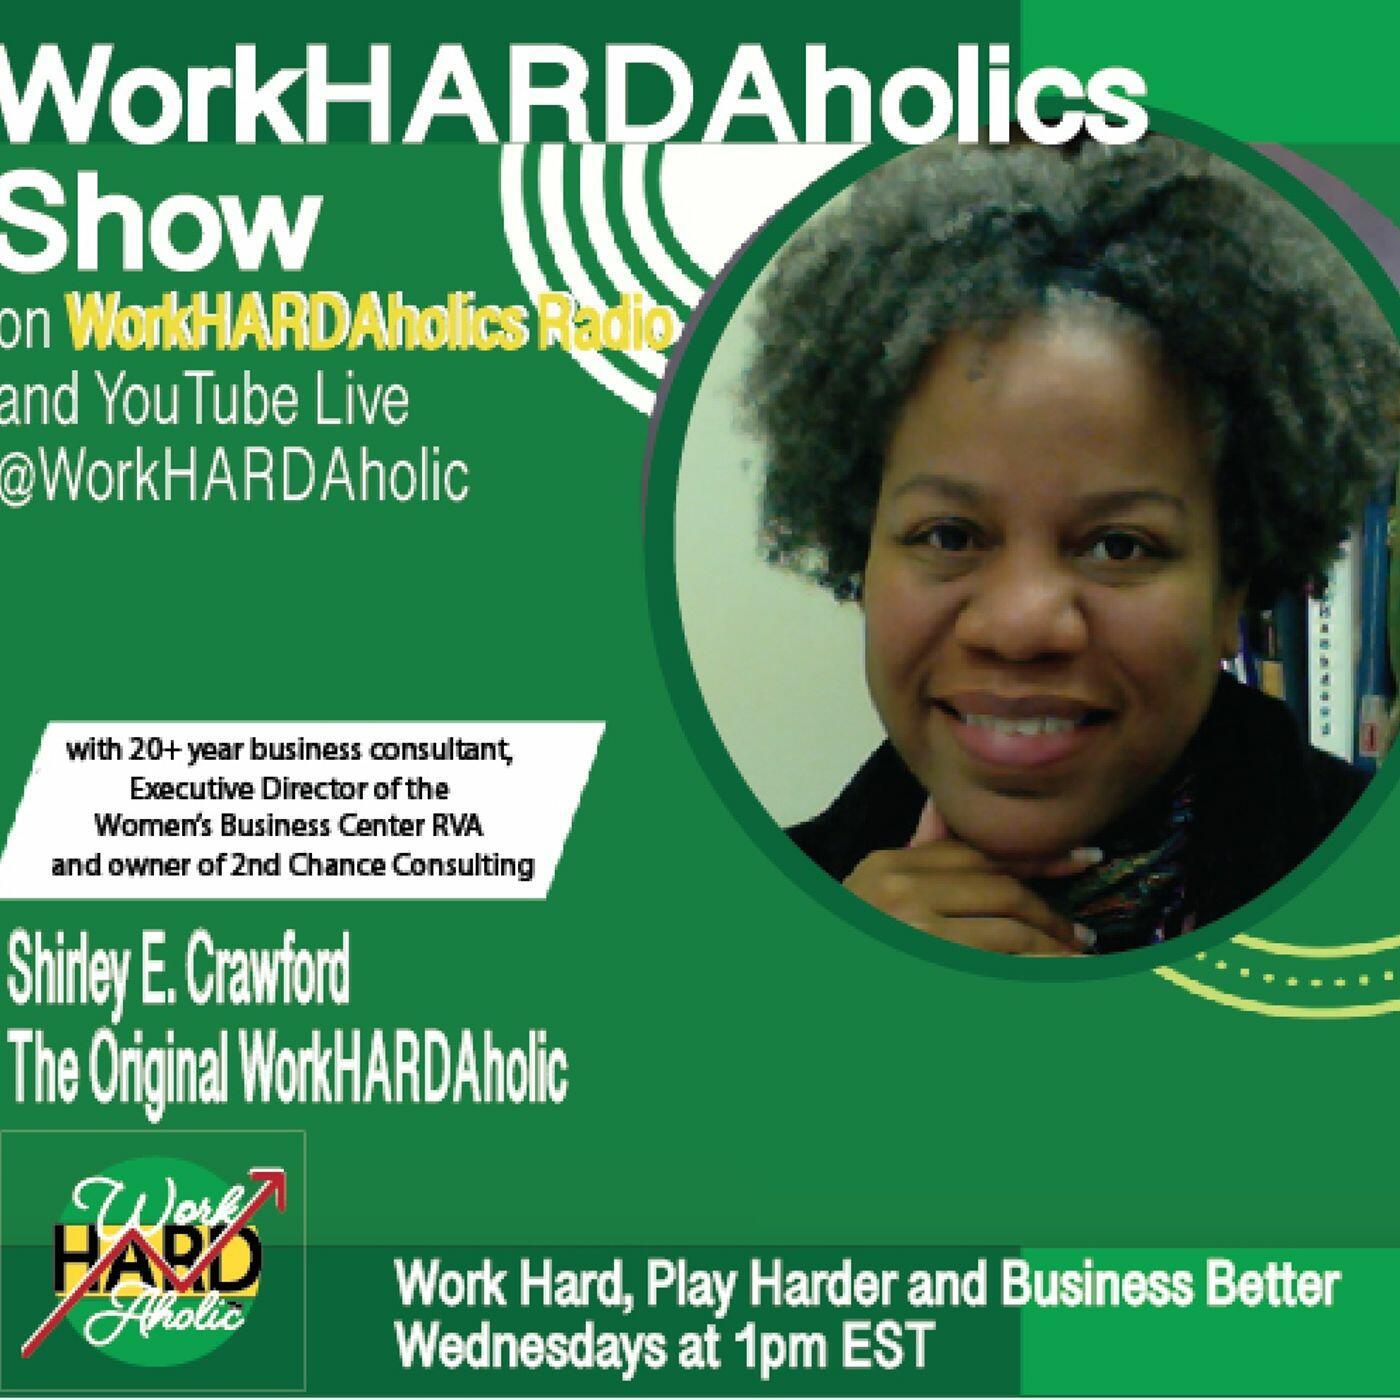 WorkHARDAholicsTM Show